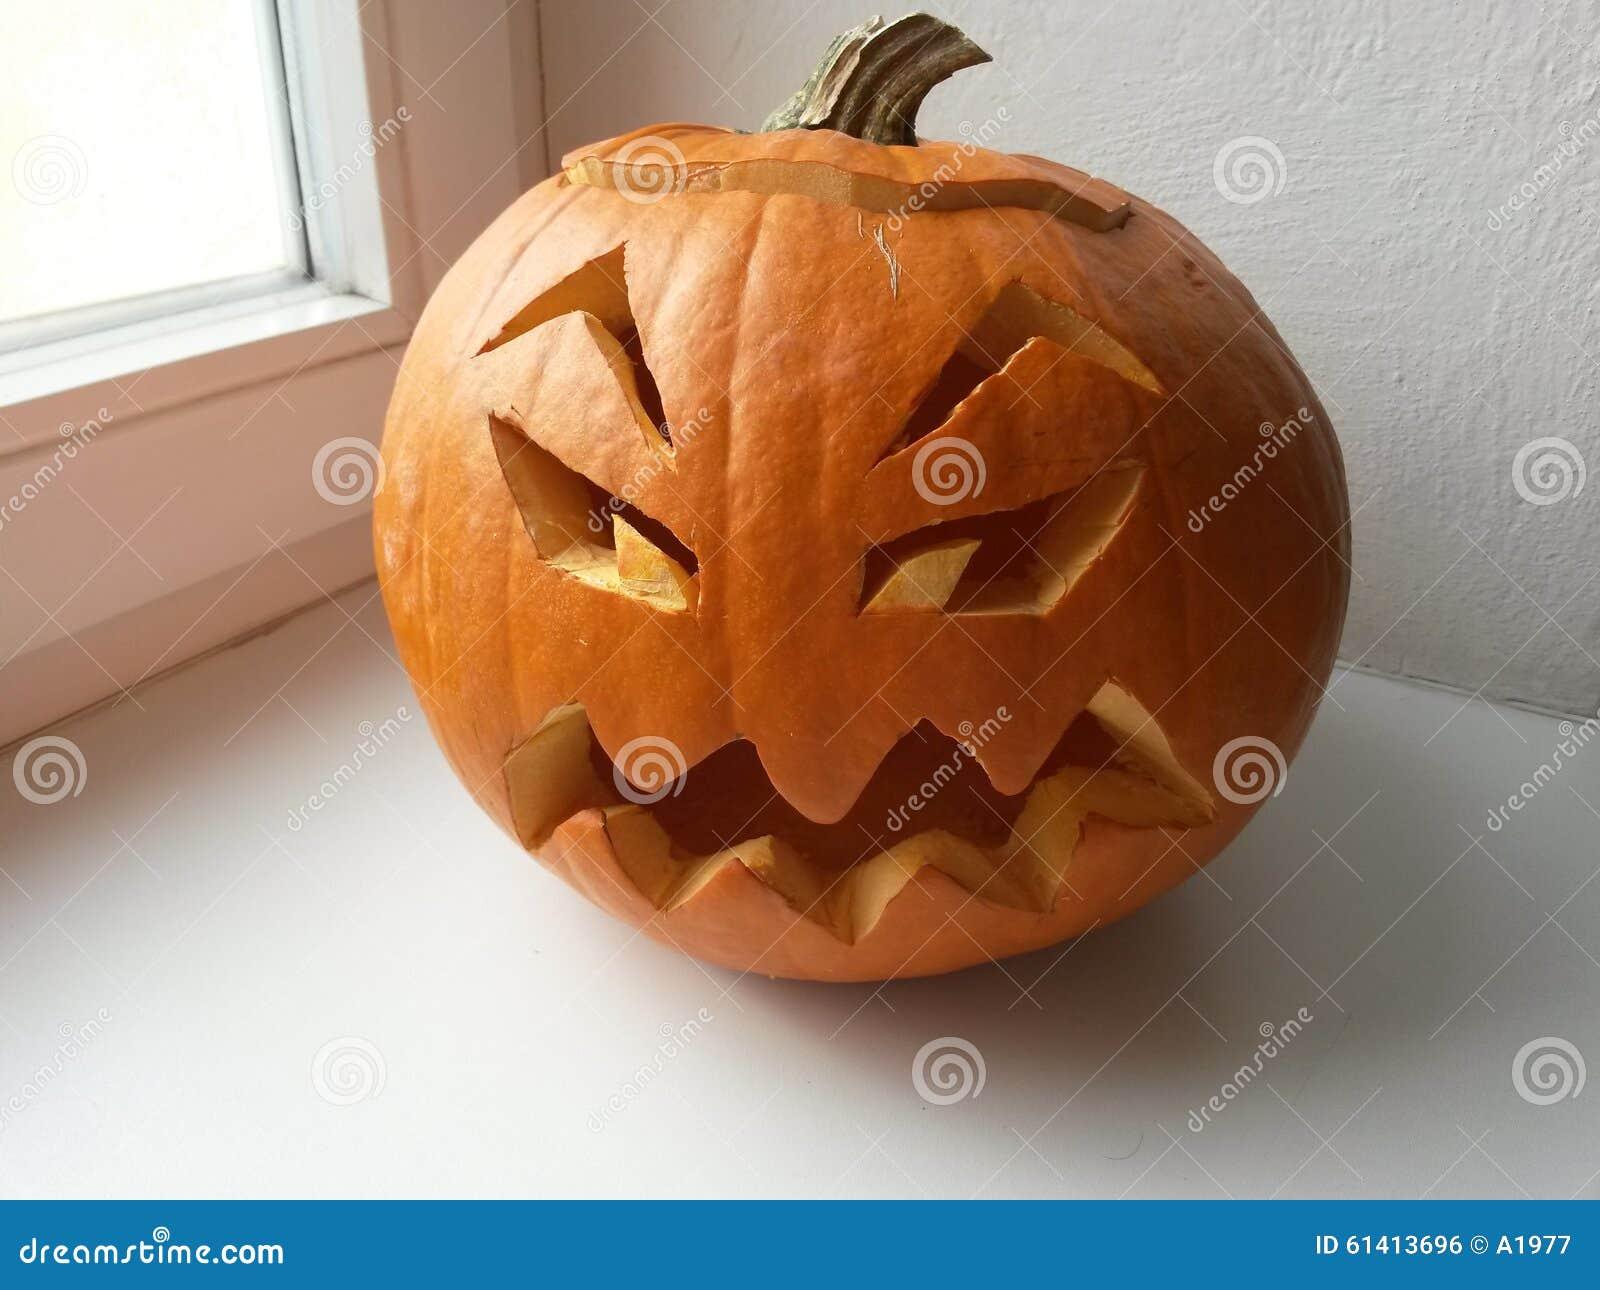 how to cut big pumpkins